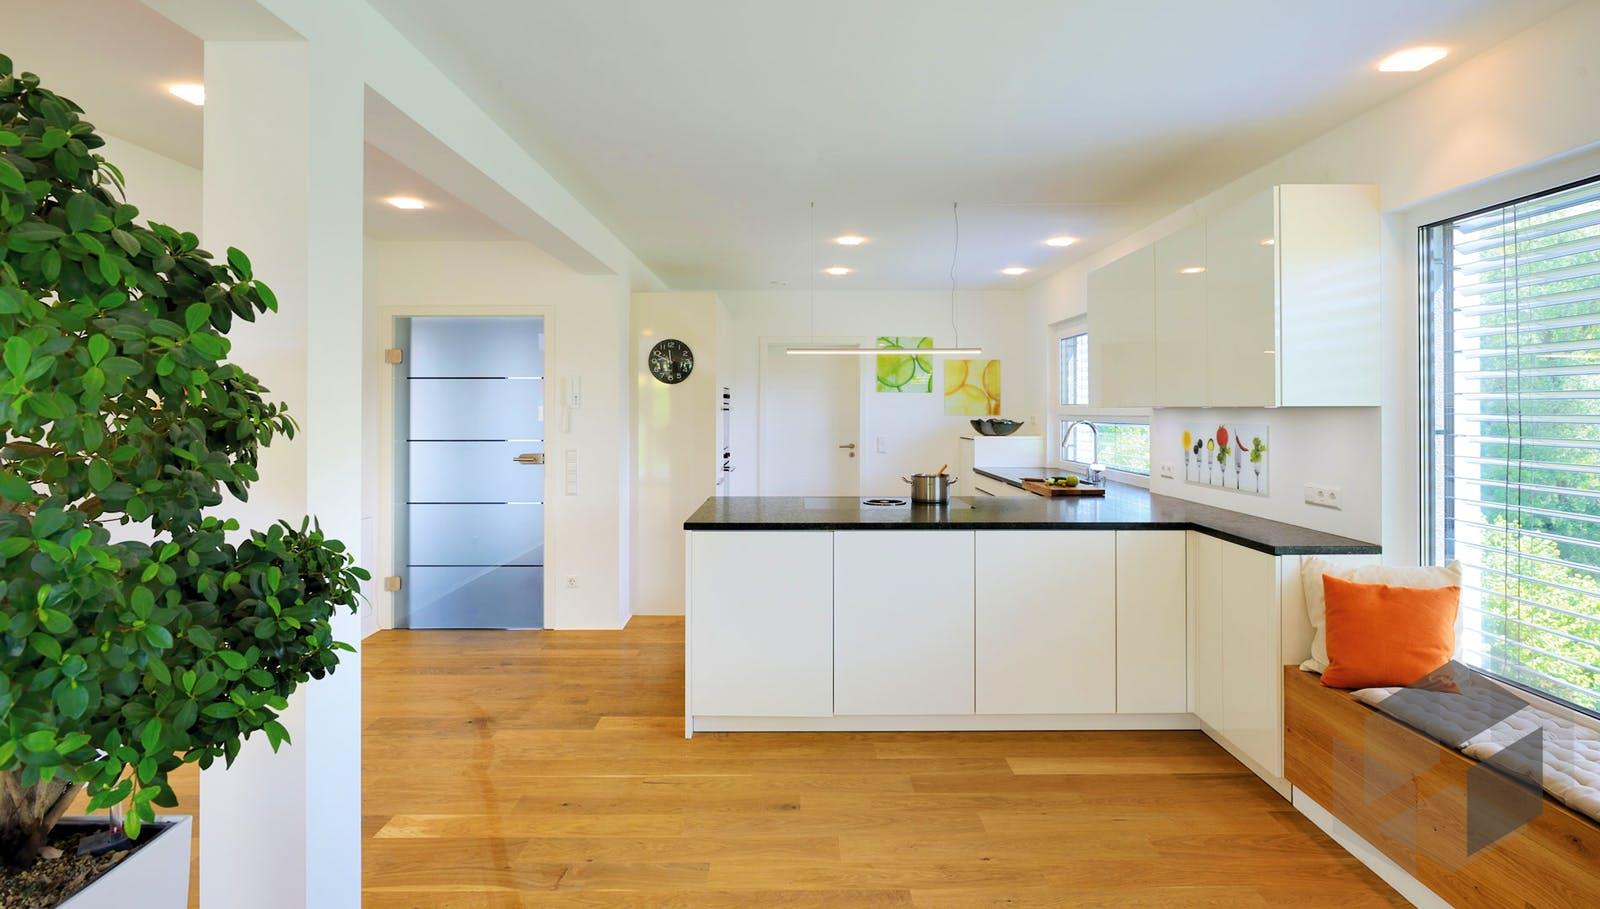 kundenhaus ingelfinger von fertighaus weiss komplette. Black Bedroom Furniture Sets. Home Design Ideas